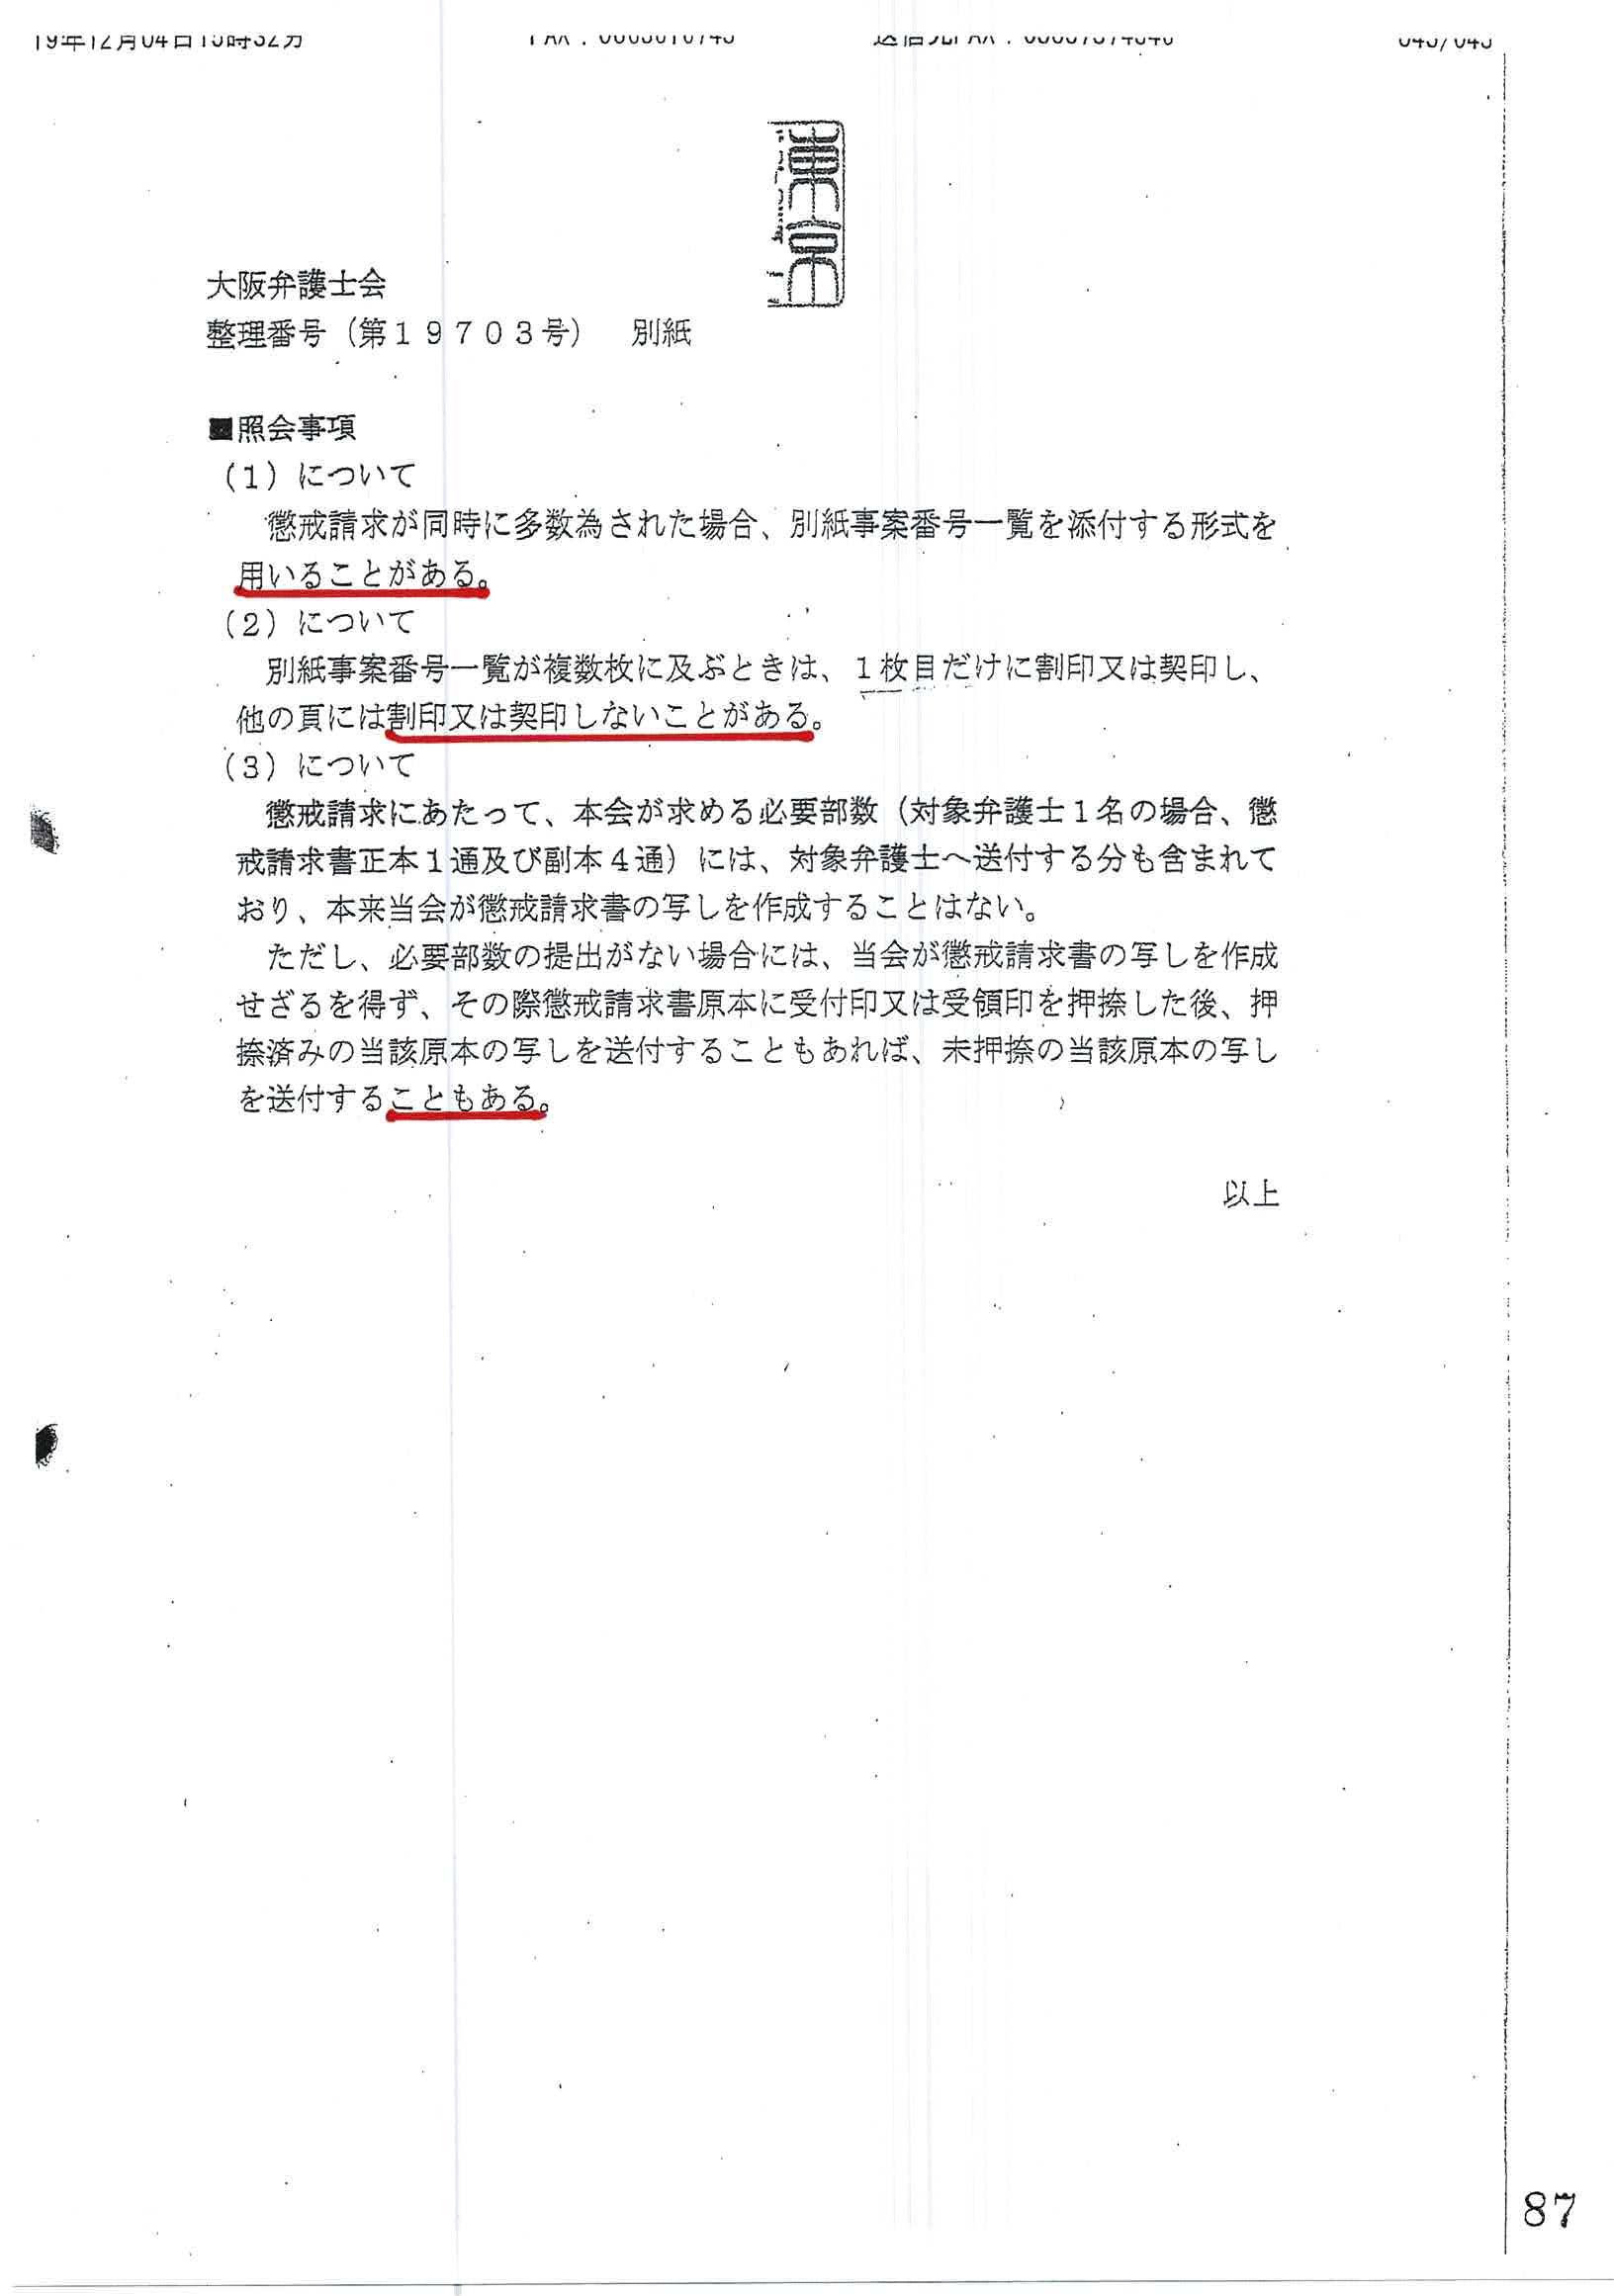 ミラー 年 時事 サイト 三 日記 余命